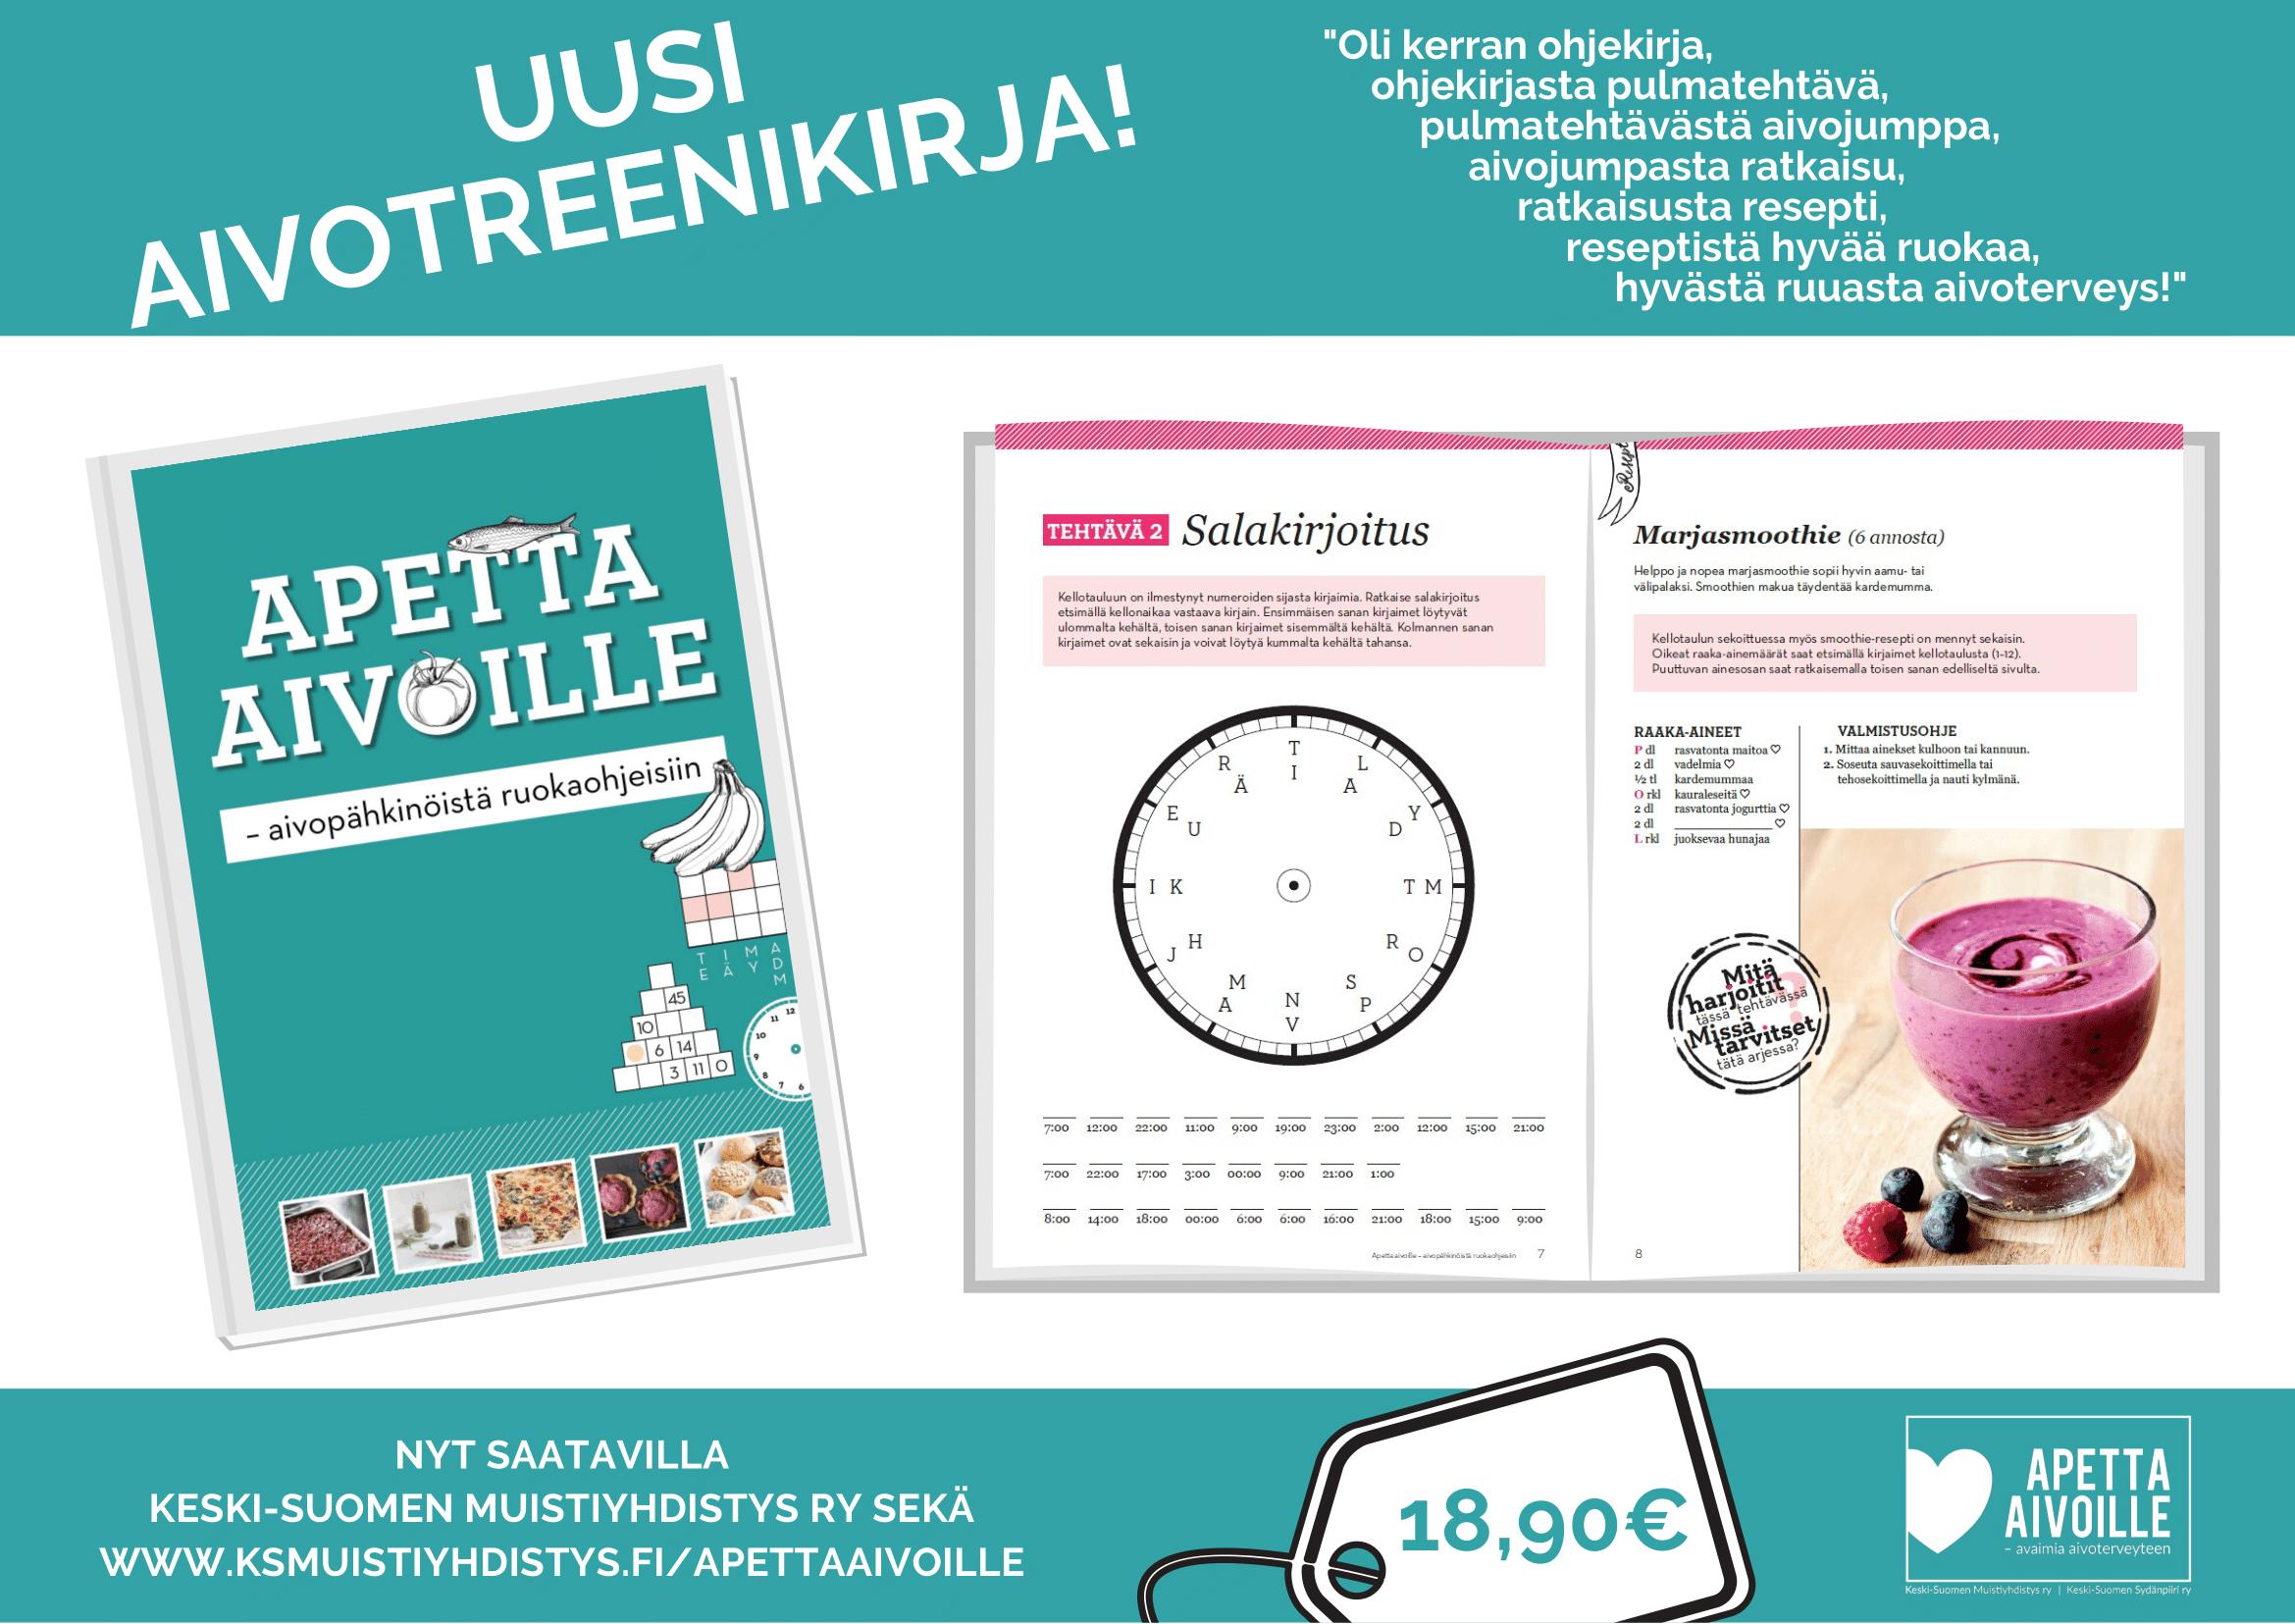 """Uusi Apetta aivoille - aivopähkinöistä ruokaohjeisiin -aivotreenikirja! """"Oli kerran ohjekirja, ohjekirjasta pulmatehtävä, pulmatehtävästä aivojumppa, aivojumpasta ratkaisu, ratkaisusta resepti, reseptistä hyvää ruokaa, hyvästä ruuasta aivoterveys!"""" Kirja nyt saatavilla Keski-Suomen Muistiyhdistys ry:ltä sekä www.ksmuistiyhdistys.fi/apettaaivoille. Hinta 18,90€."""